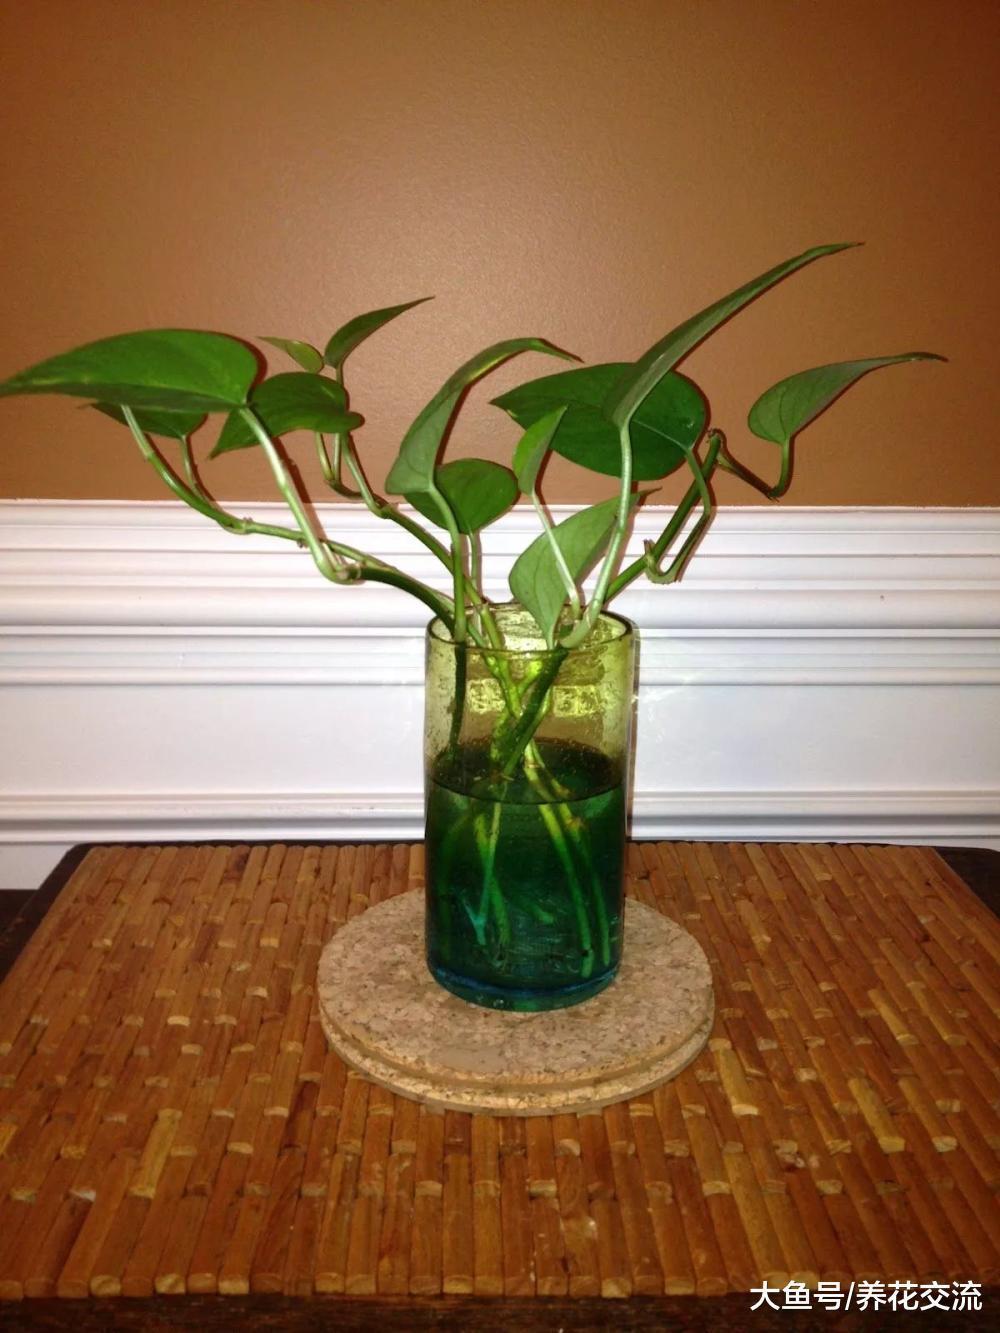 栽培盆栽绿萝用什么土壤最好, 对花盆有什么要